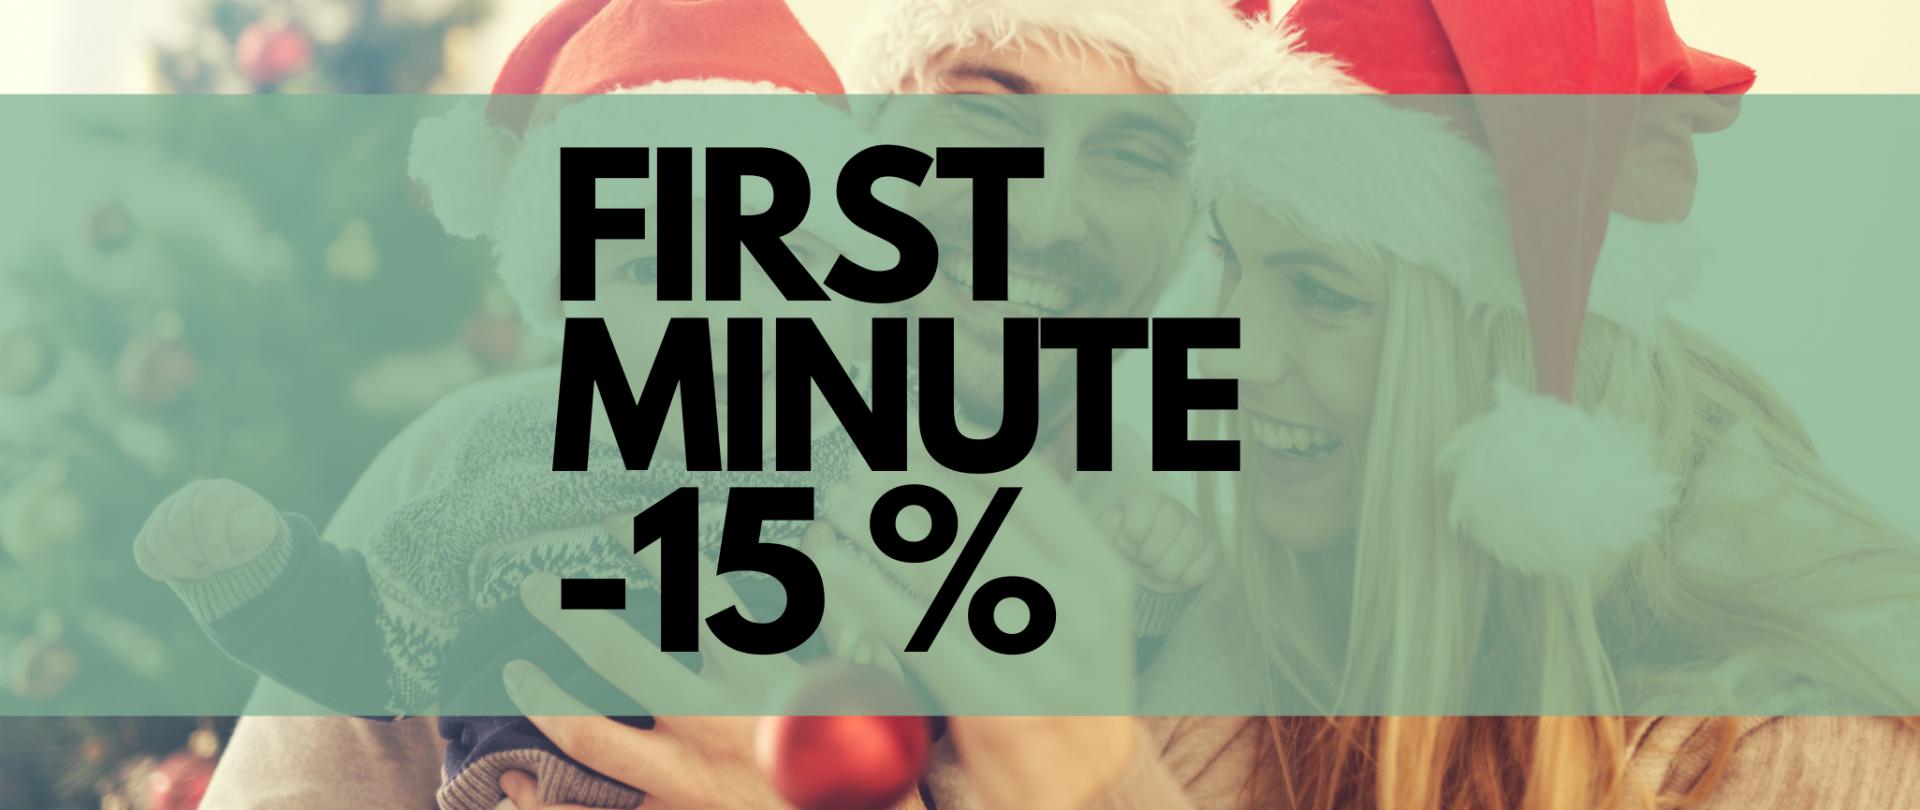 Boże Narodzenie w luksusowym hotelu. FIRST MINUTE -15%